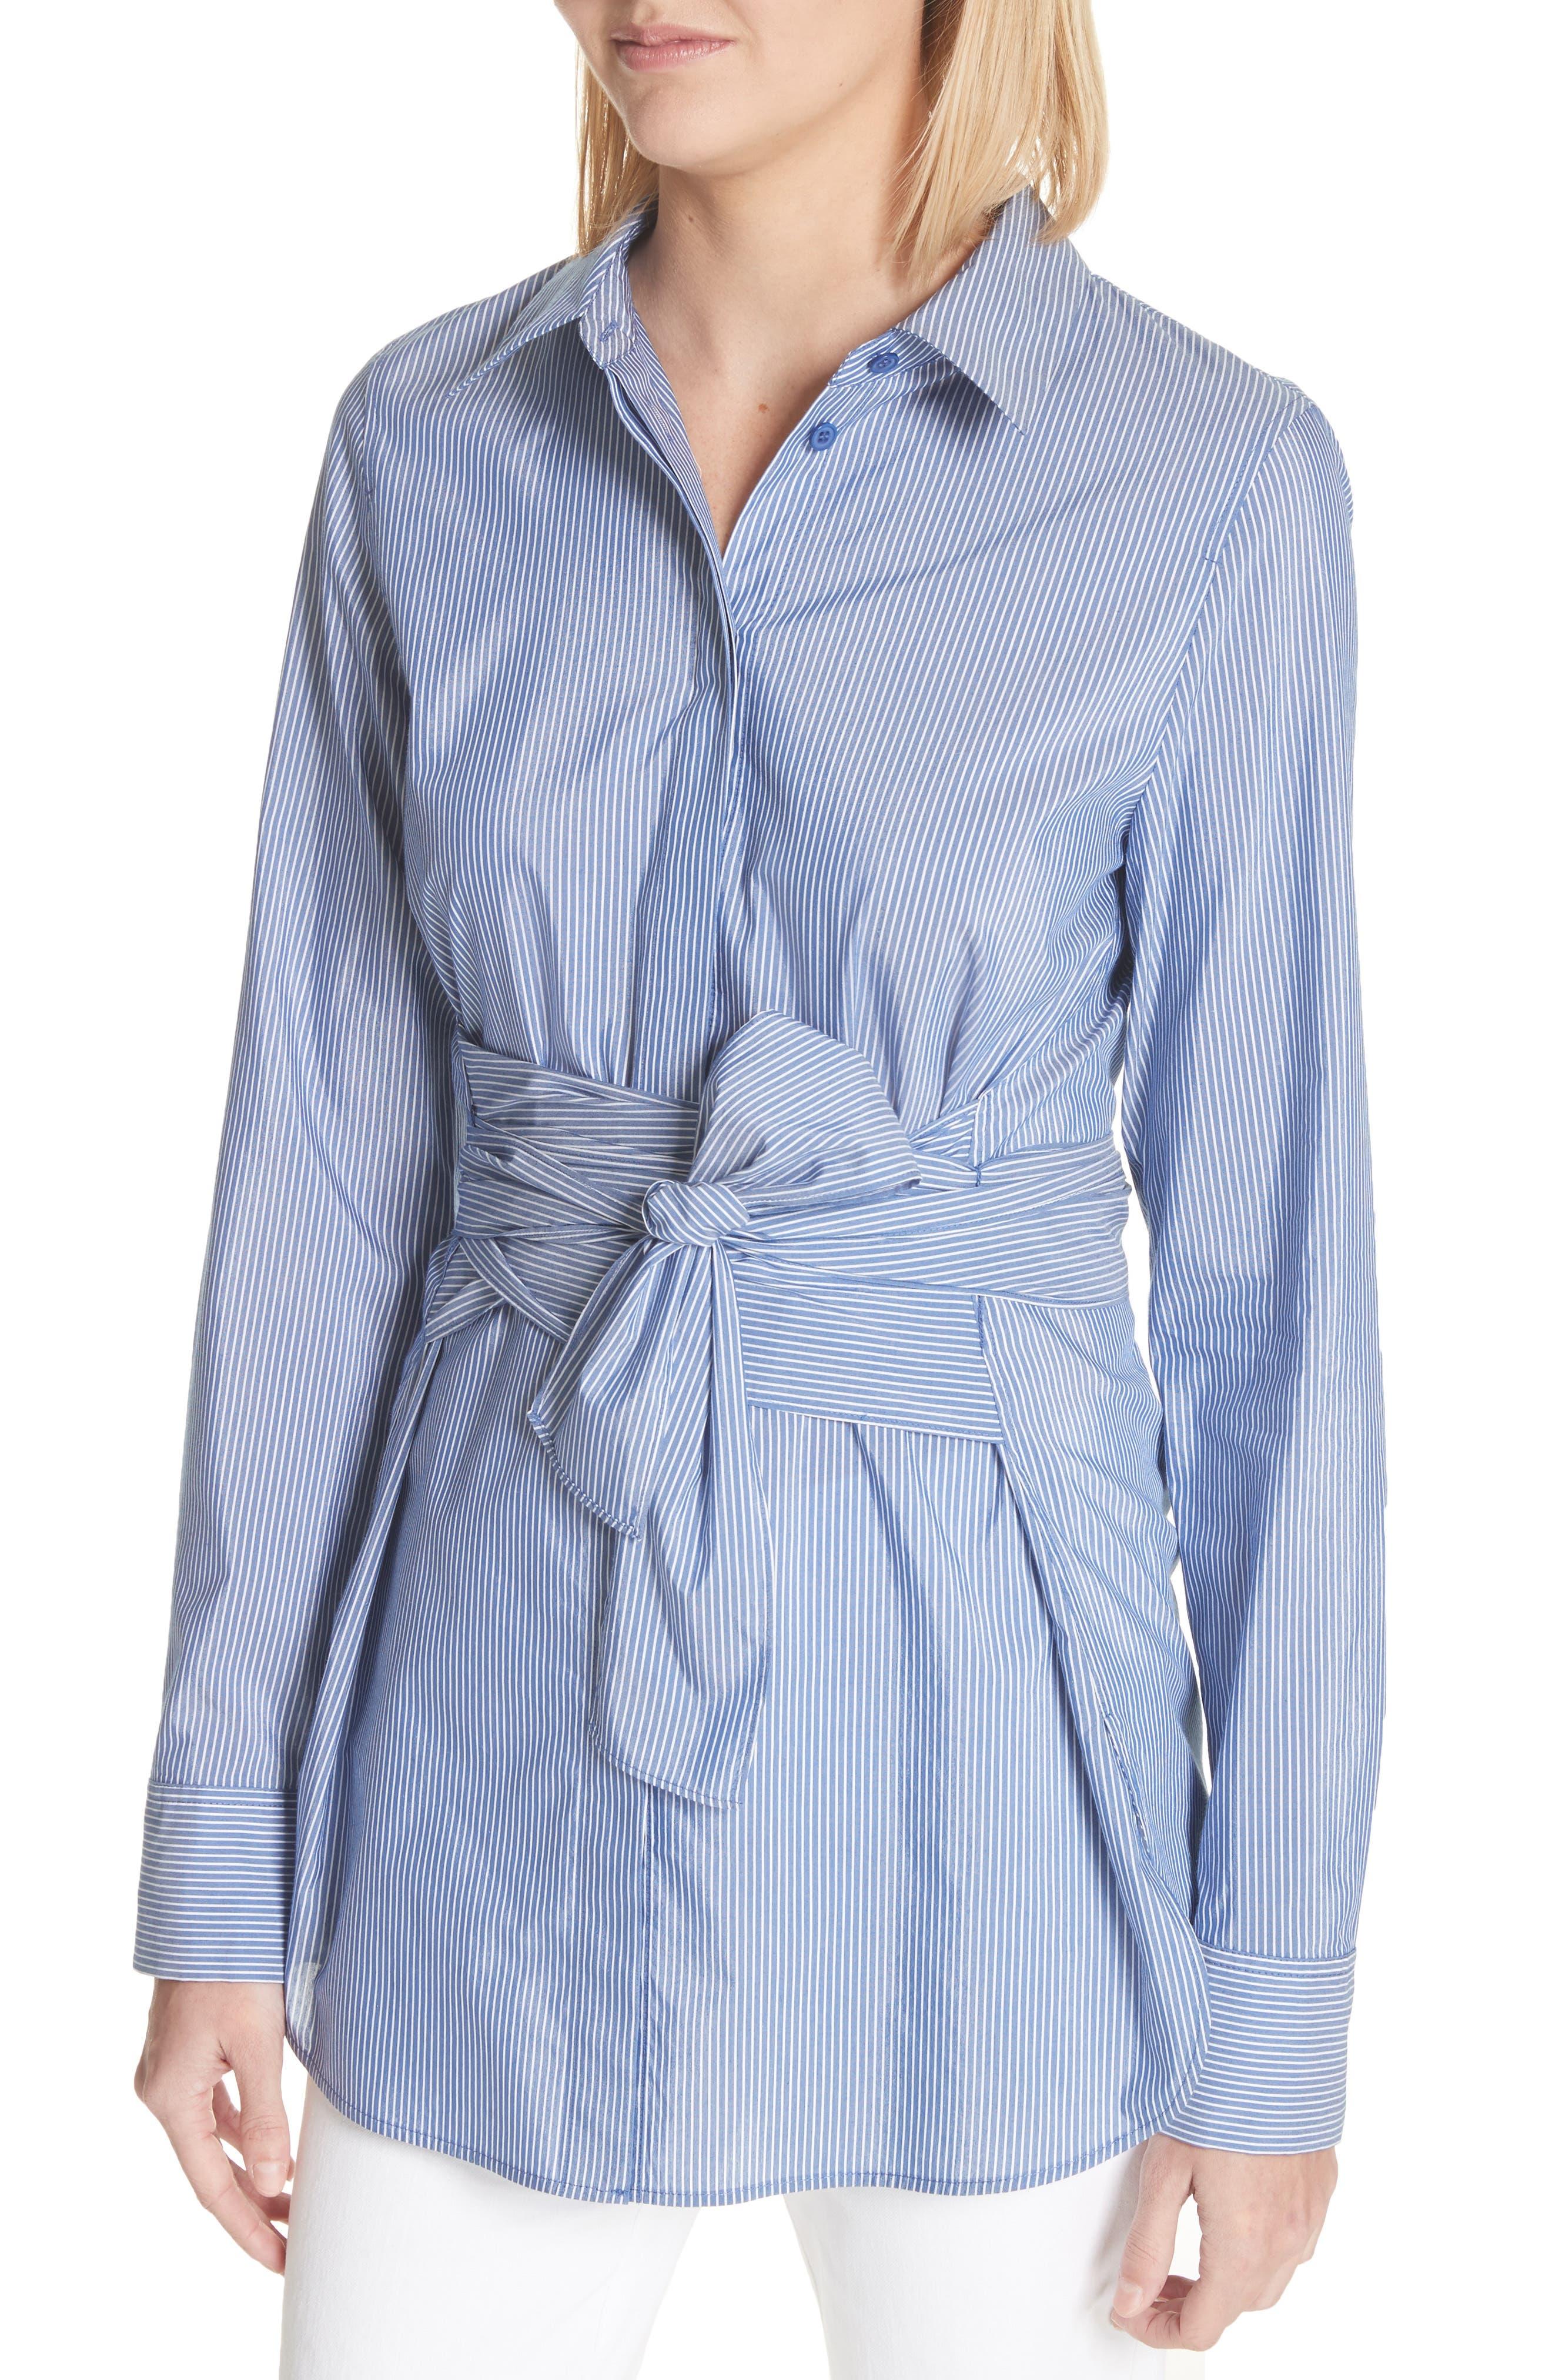 Cordelia Tie Waist Blouse,                             Alternate thumbnail 4, color,                             Delft Multi